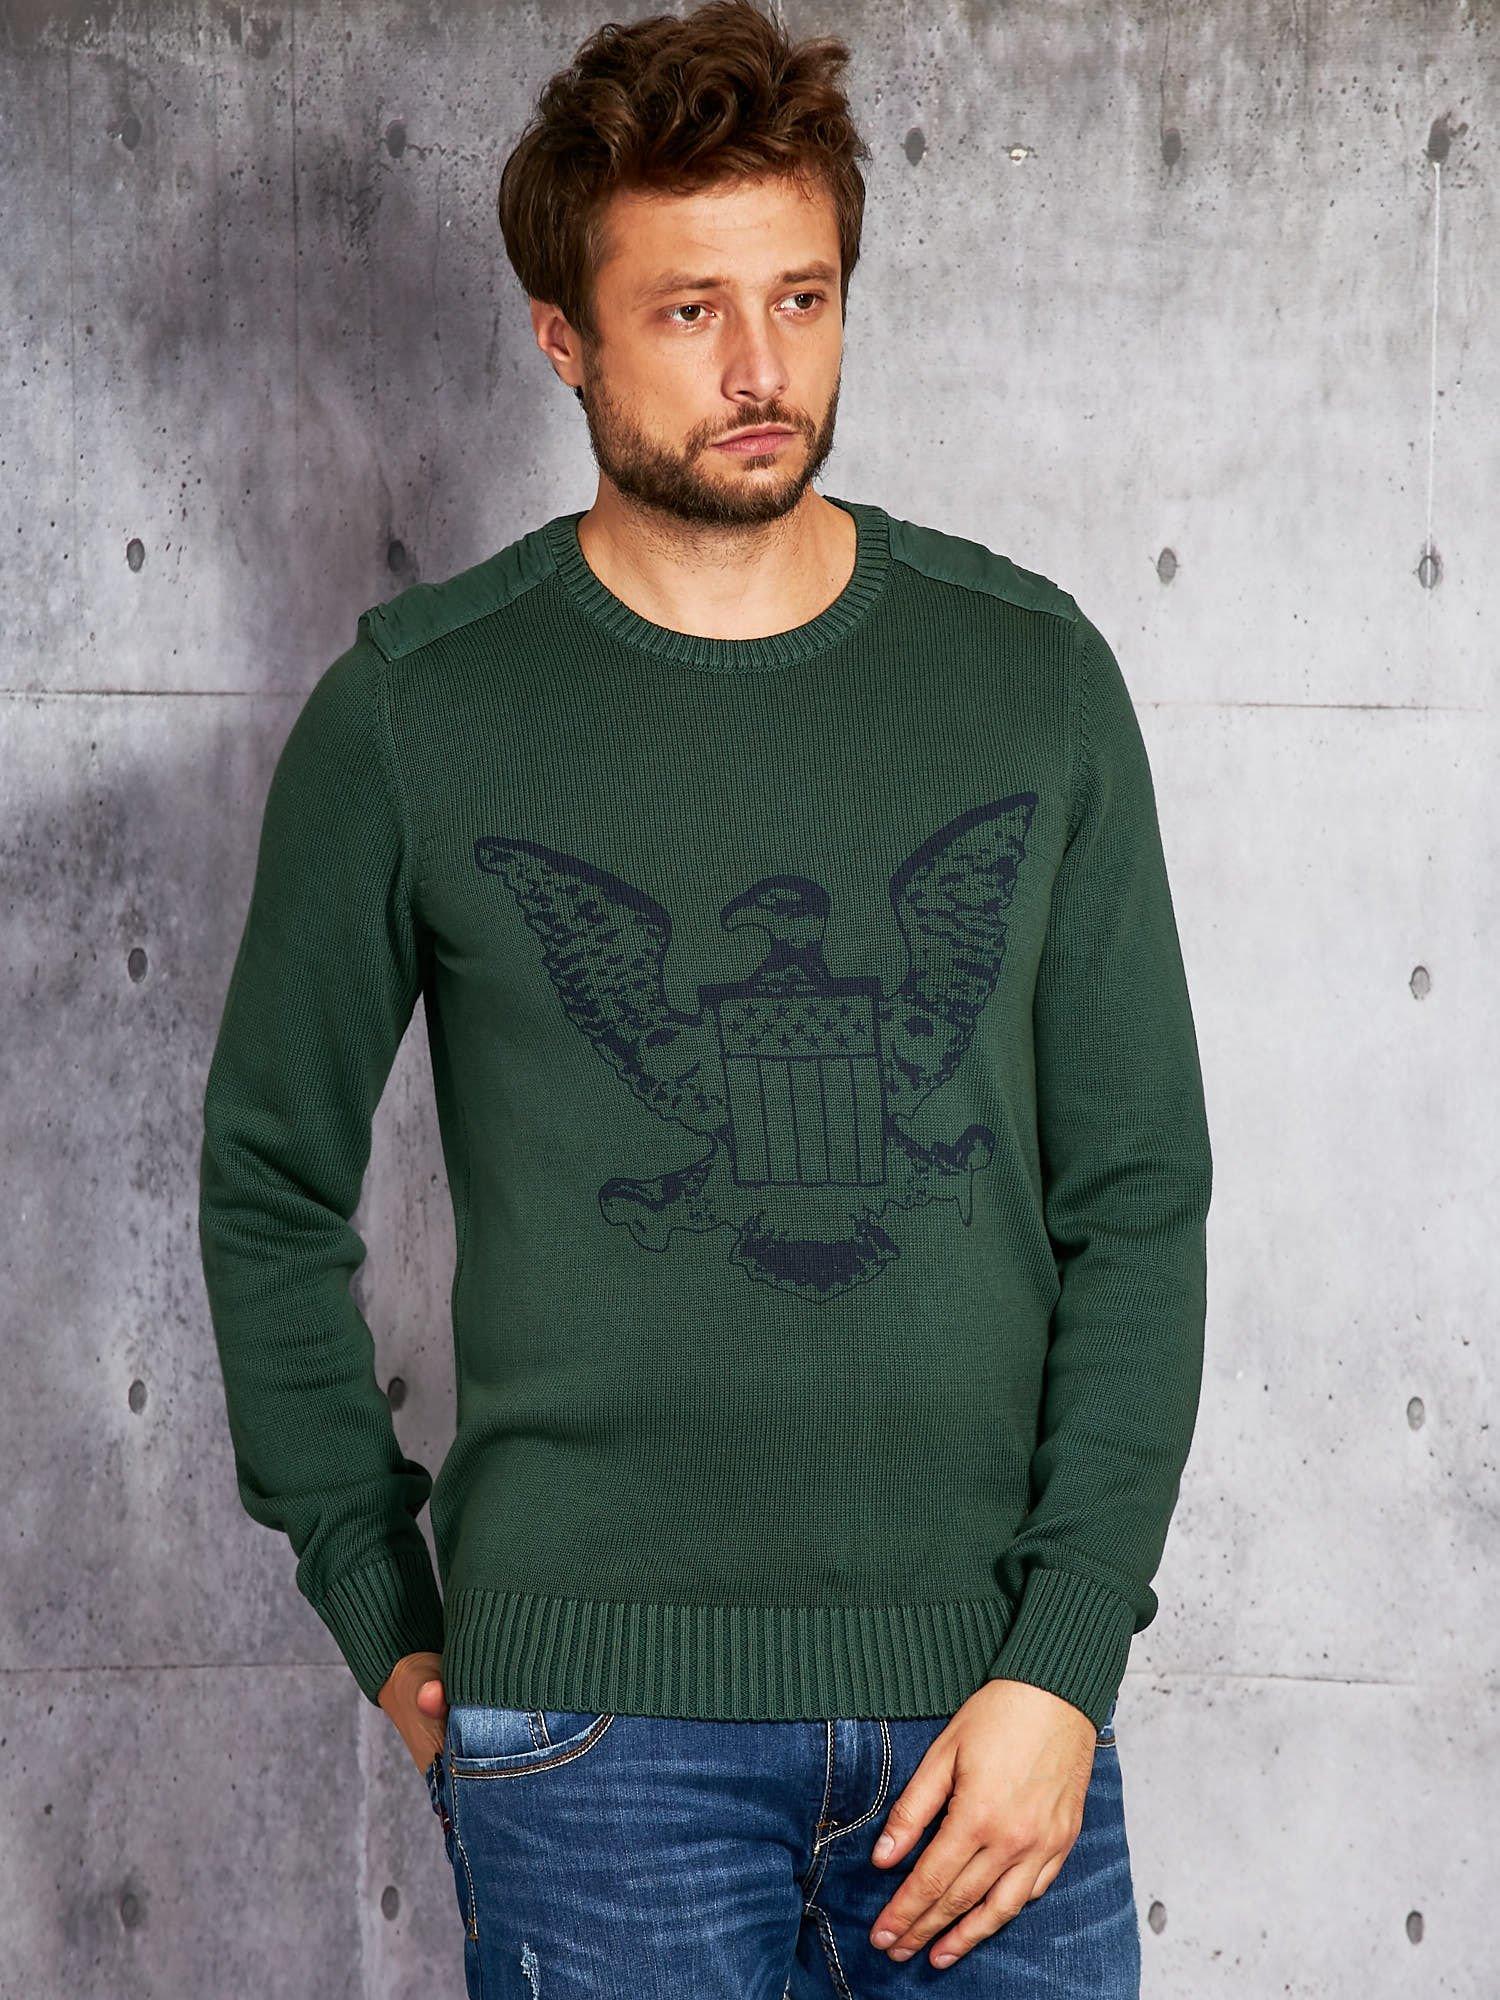 Pánský svetr s tmavě zeleným znakem